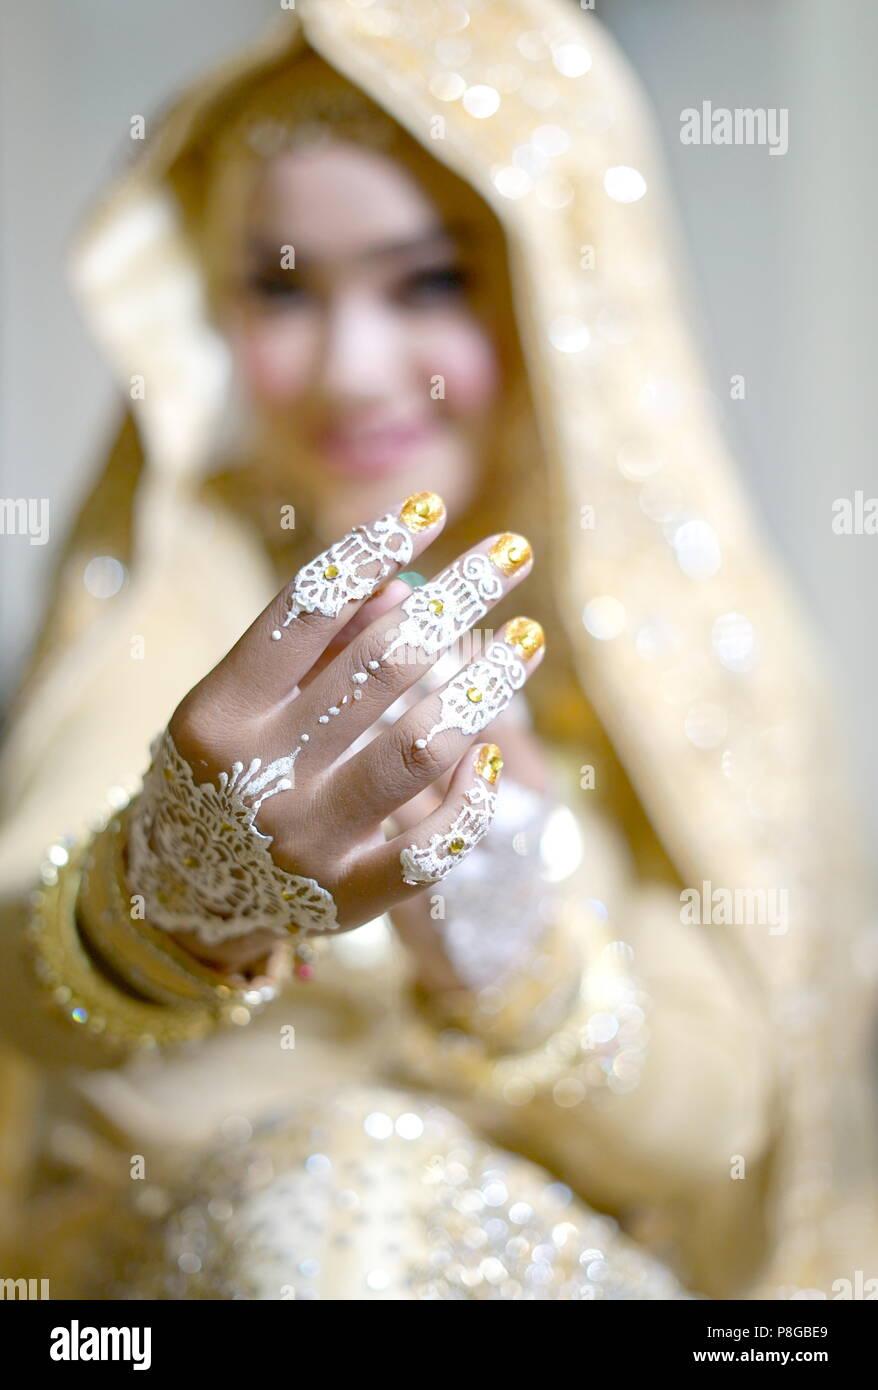 Schöne Braut Hände mit Henna Tattoo, Indonesische Hochzeit Tradition Zeremonie Stockbild